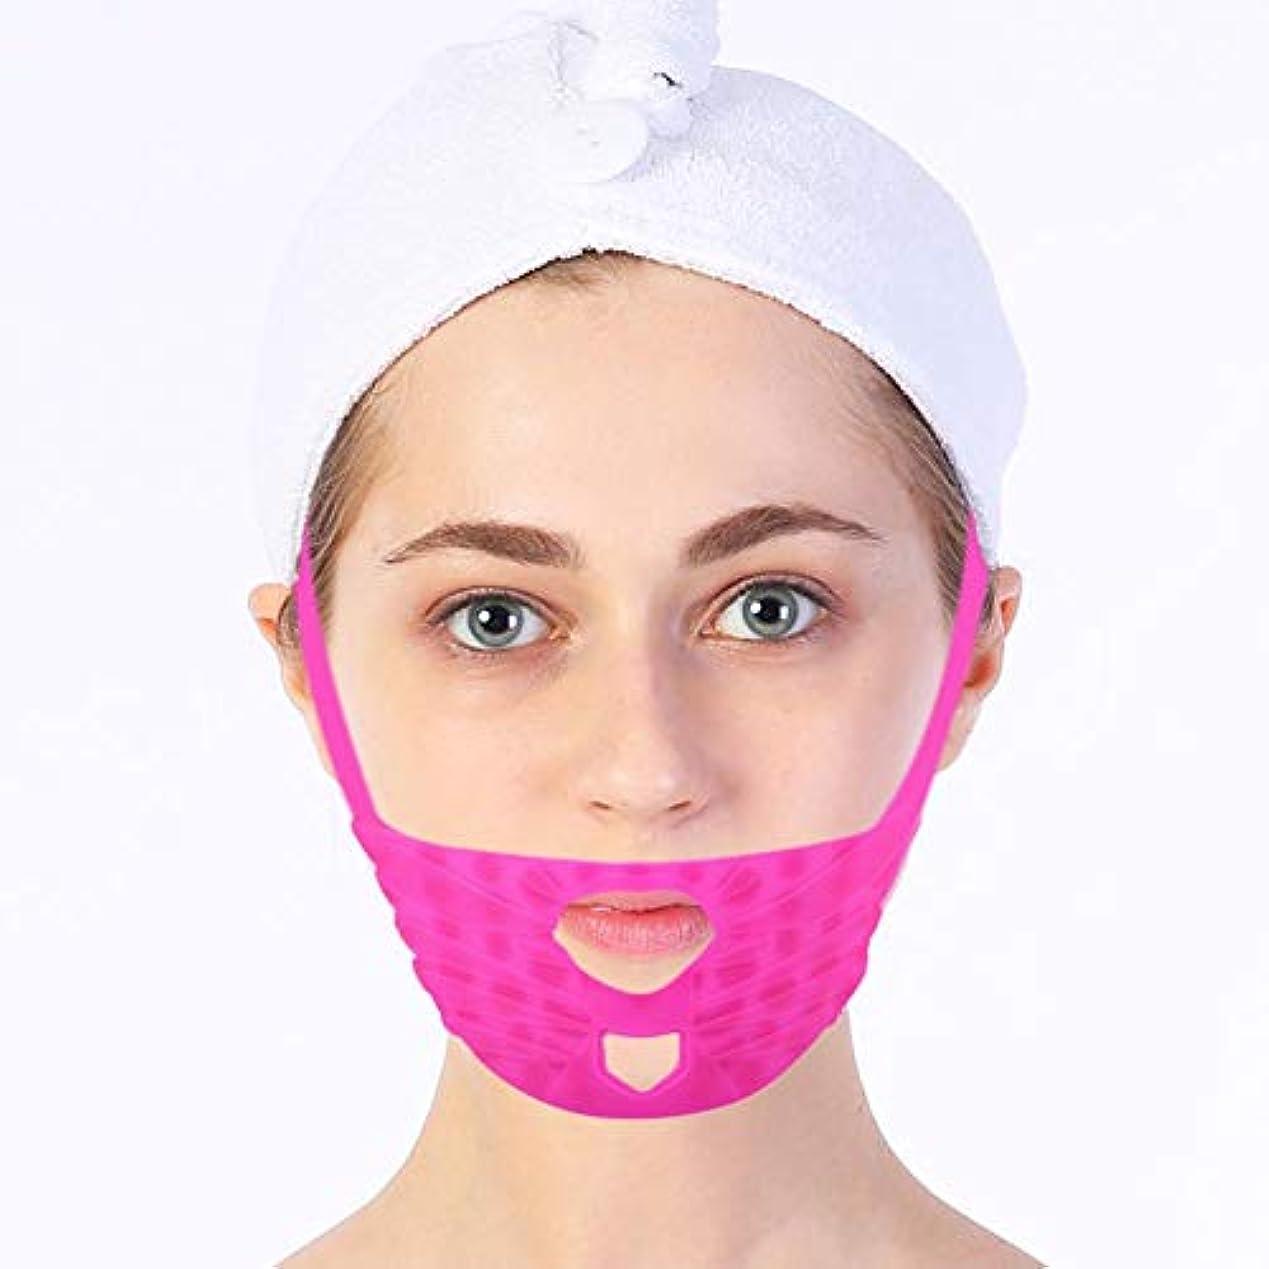 ほうき感嘆プレミアムSemmeフェイシャルリフティング引き締め痩身マスク、マッサージフェイスシリコン包帯Vラインマスク首の圧縮二重あご、変更ダブルチェーンマスク引き締まった肌を減らす